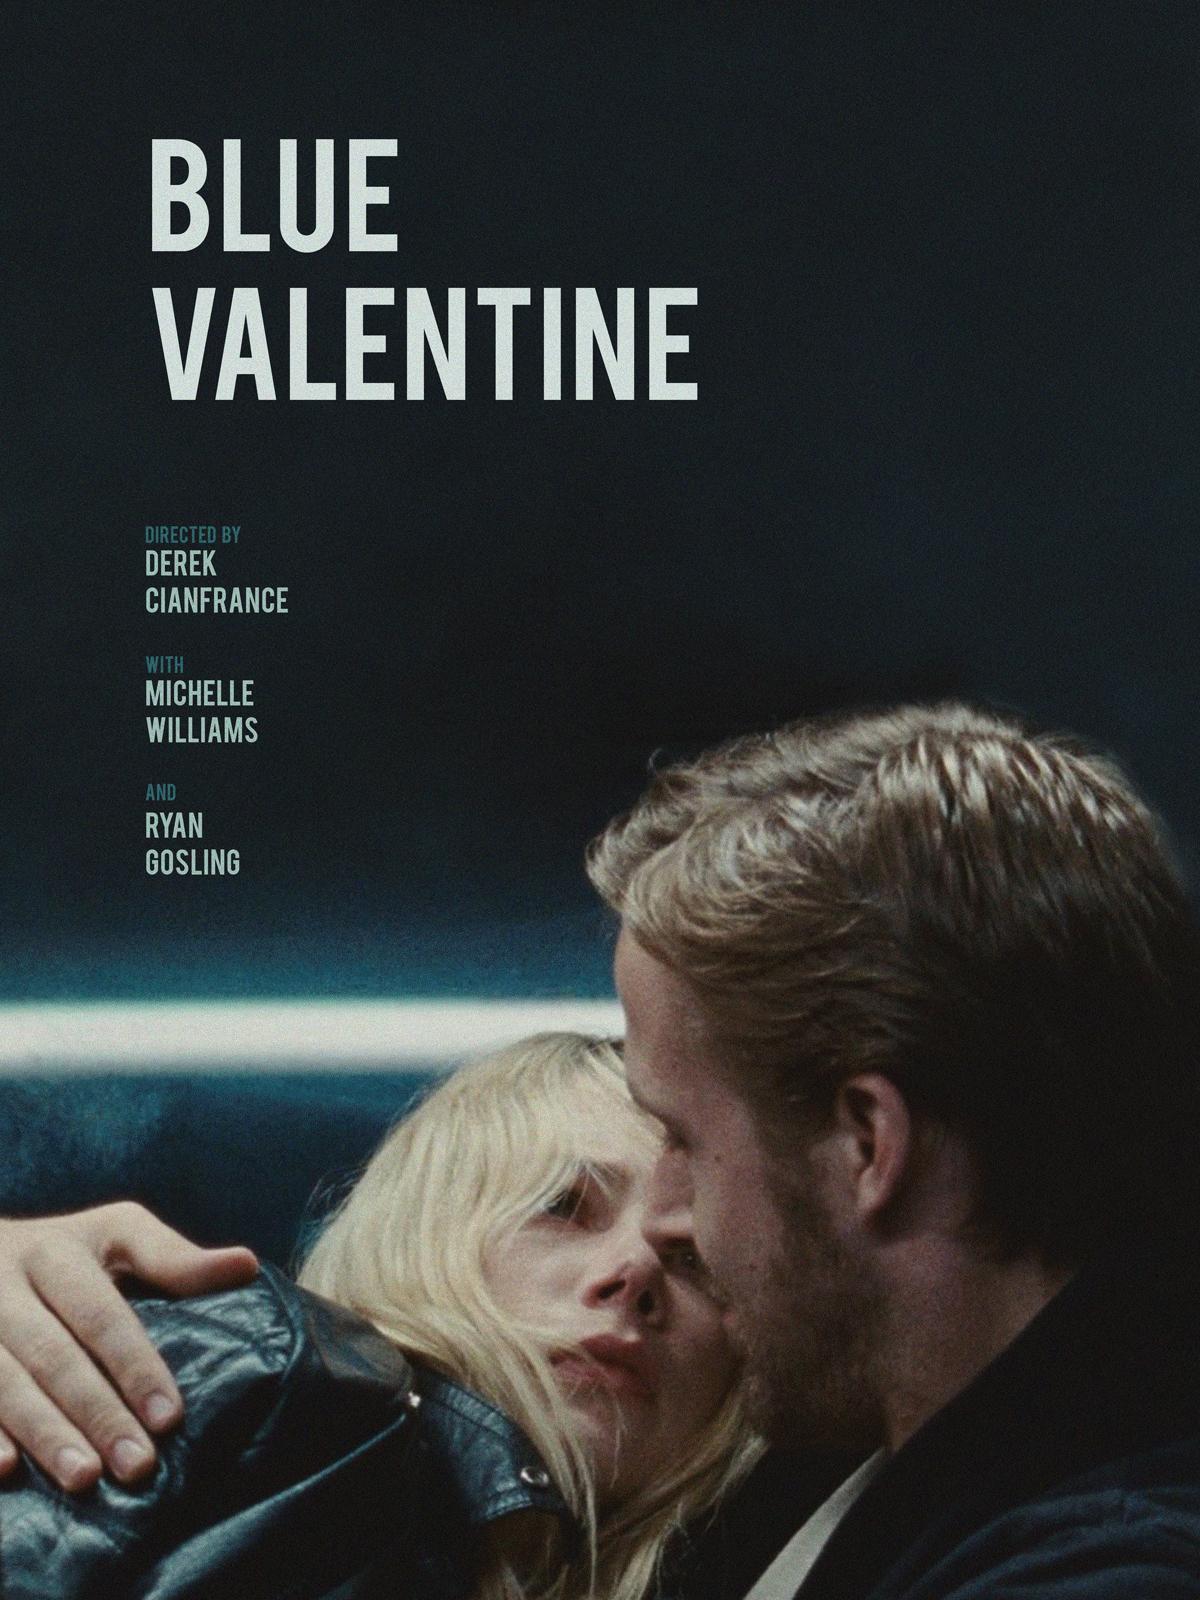 BLUE VALENTINE Movie POSTER 27x40 Ryan Gosling Michelle Williams Faith Wladyka